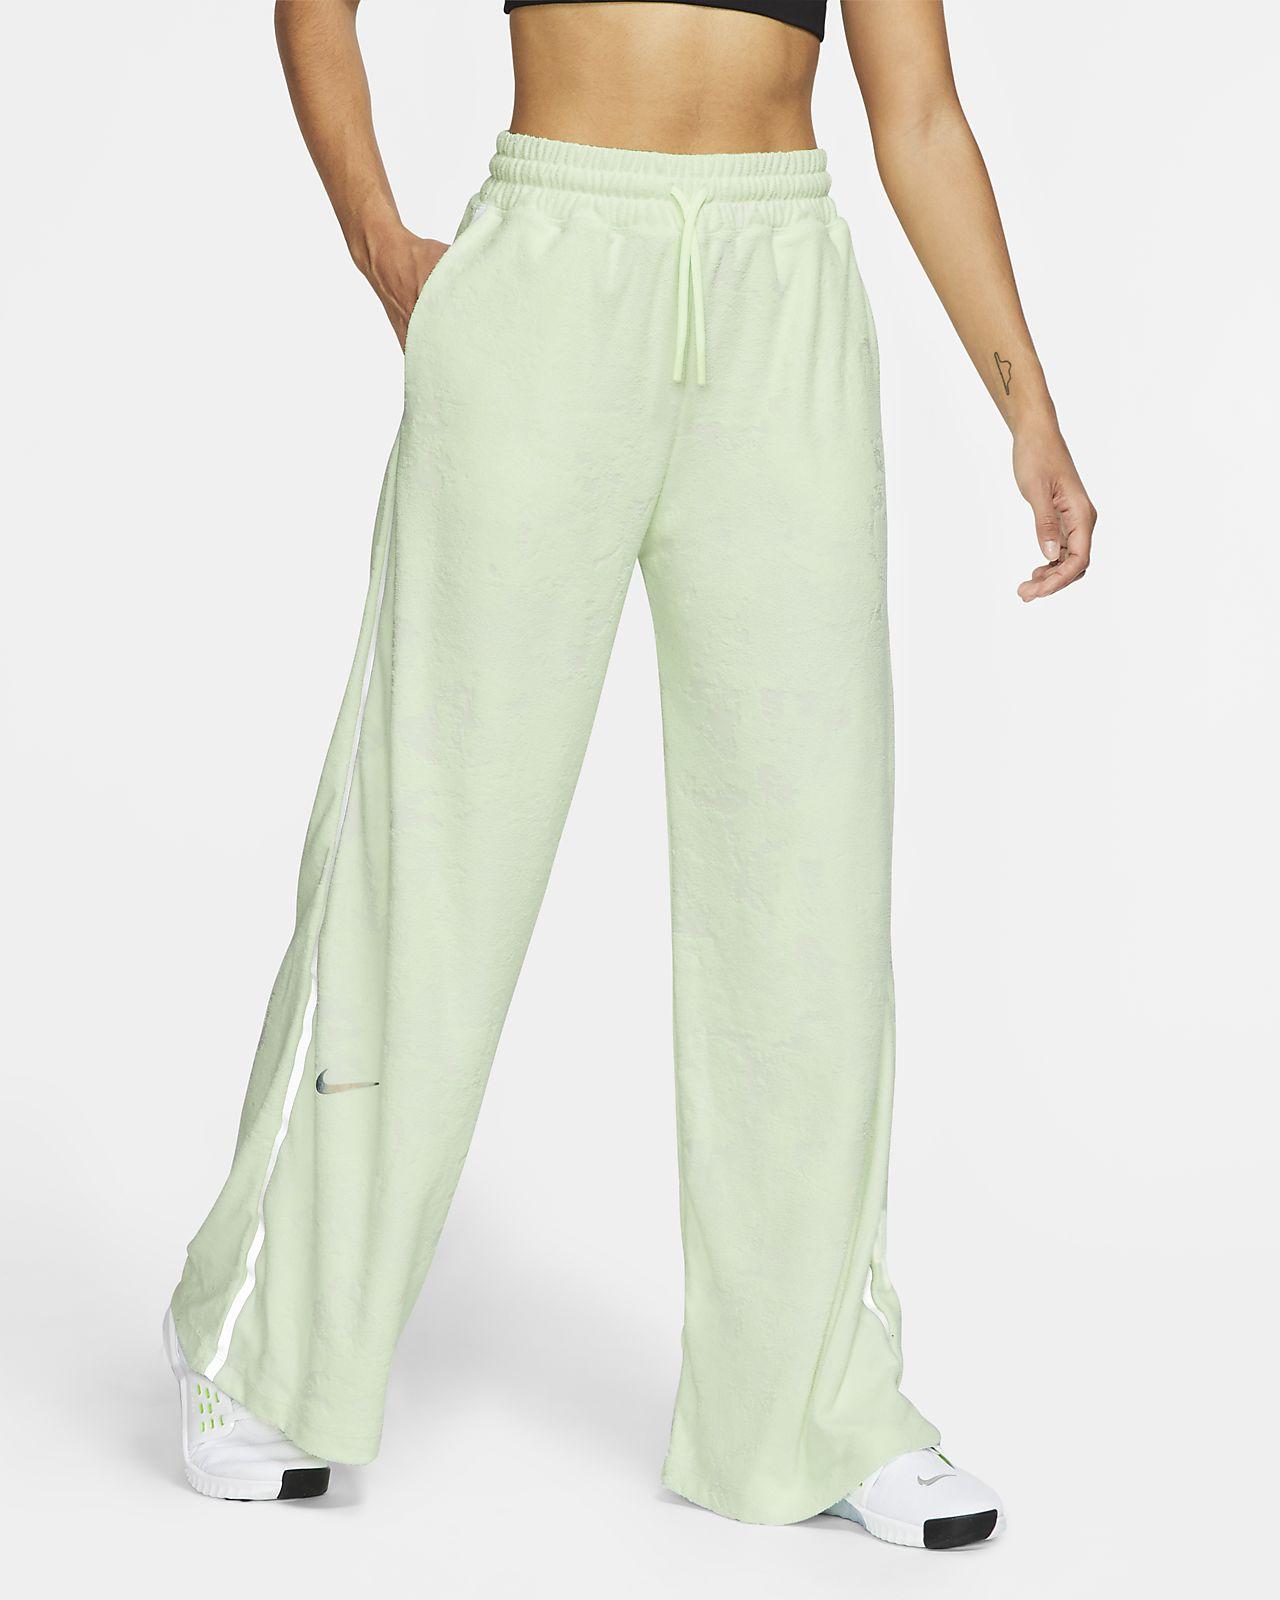 pantalon en tissu fleece nike